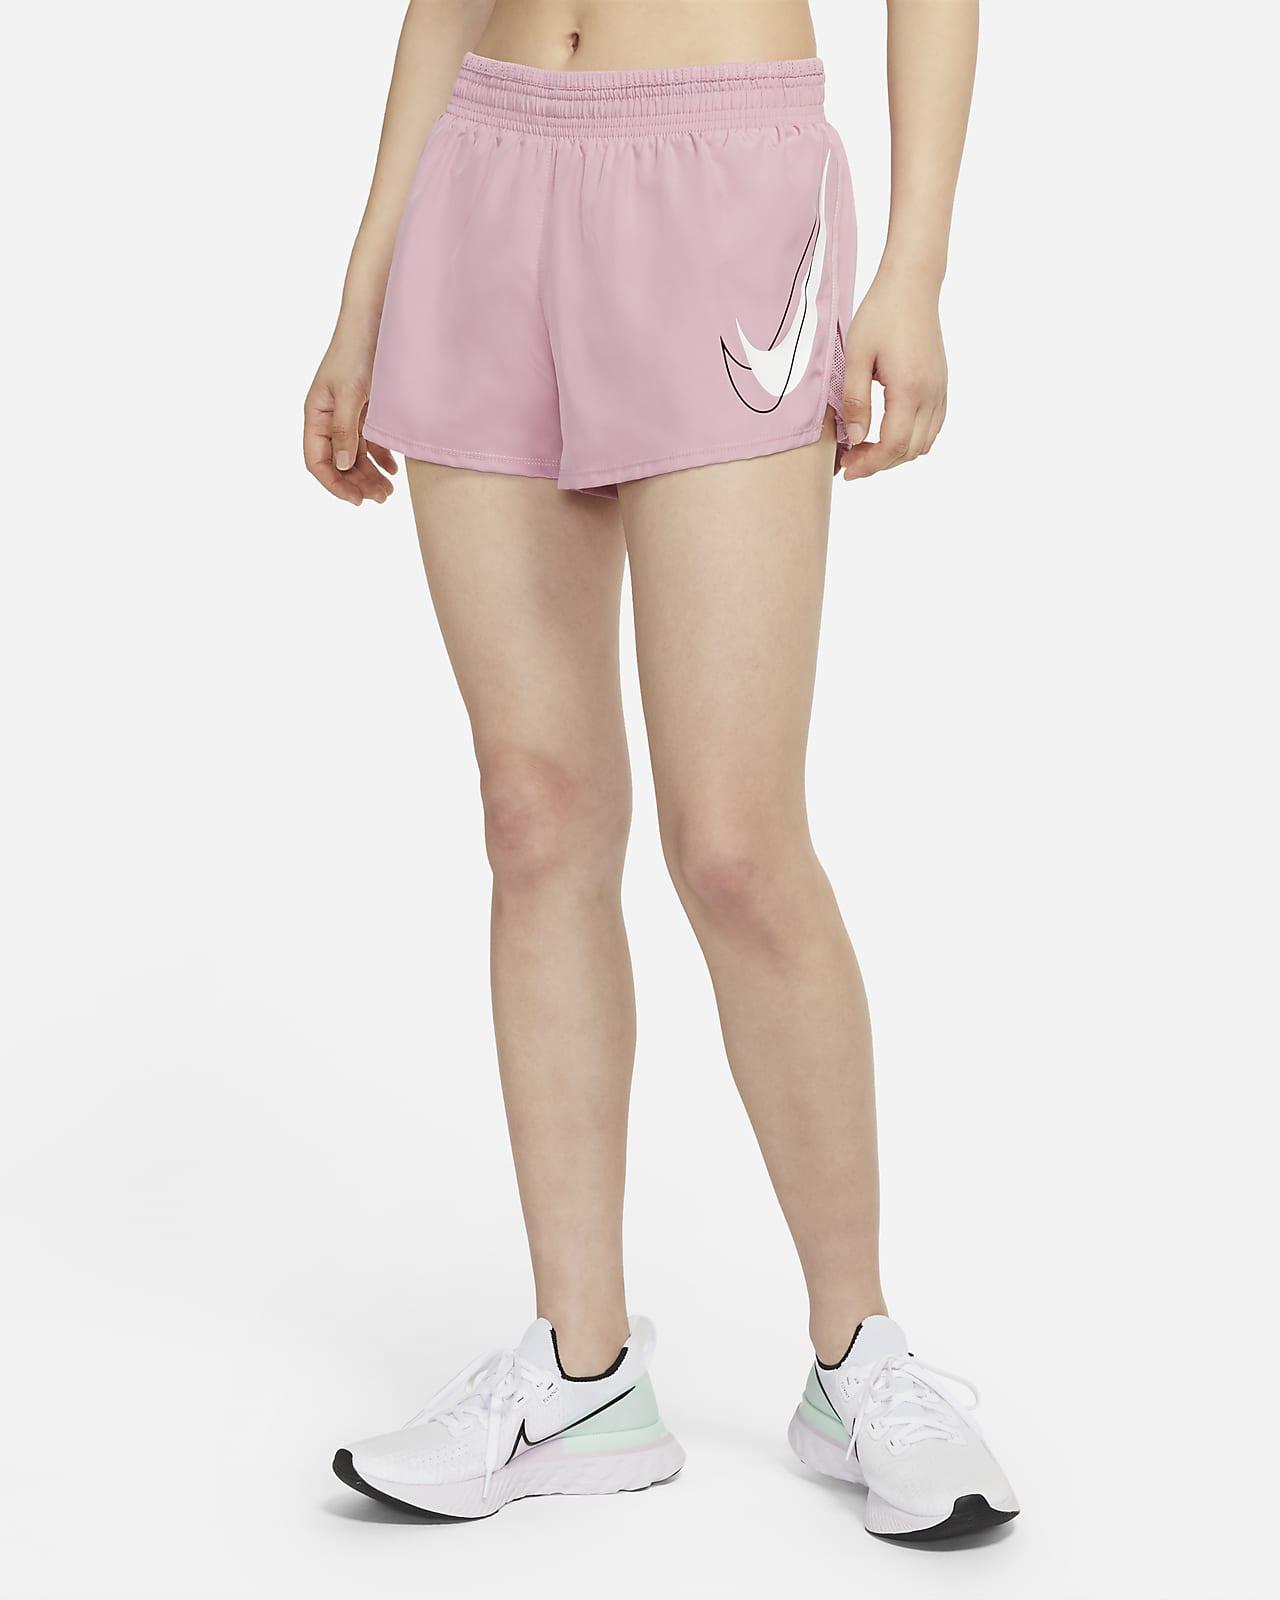 Nike Dri-FIT Swoosh Run 女子跑步短裤